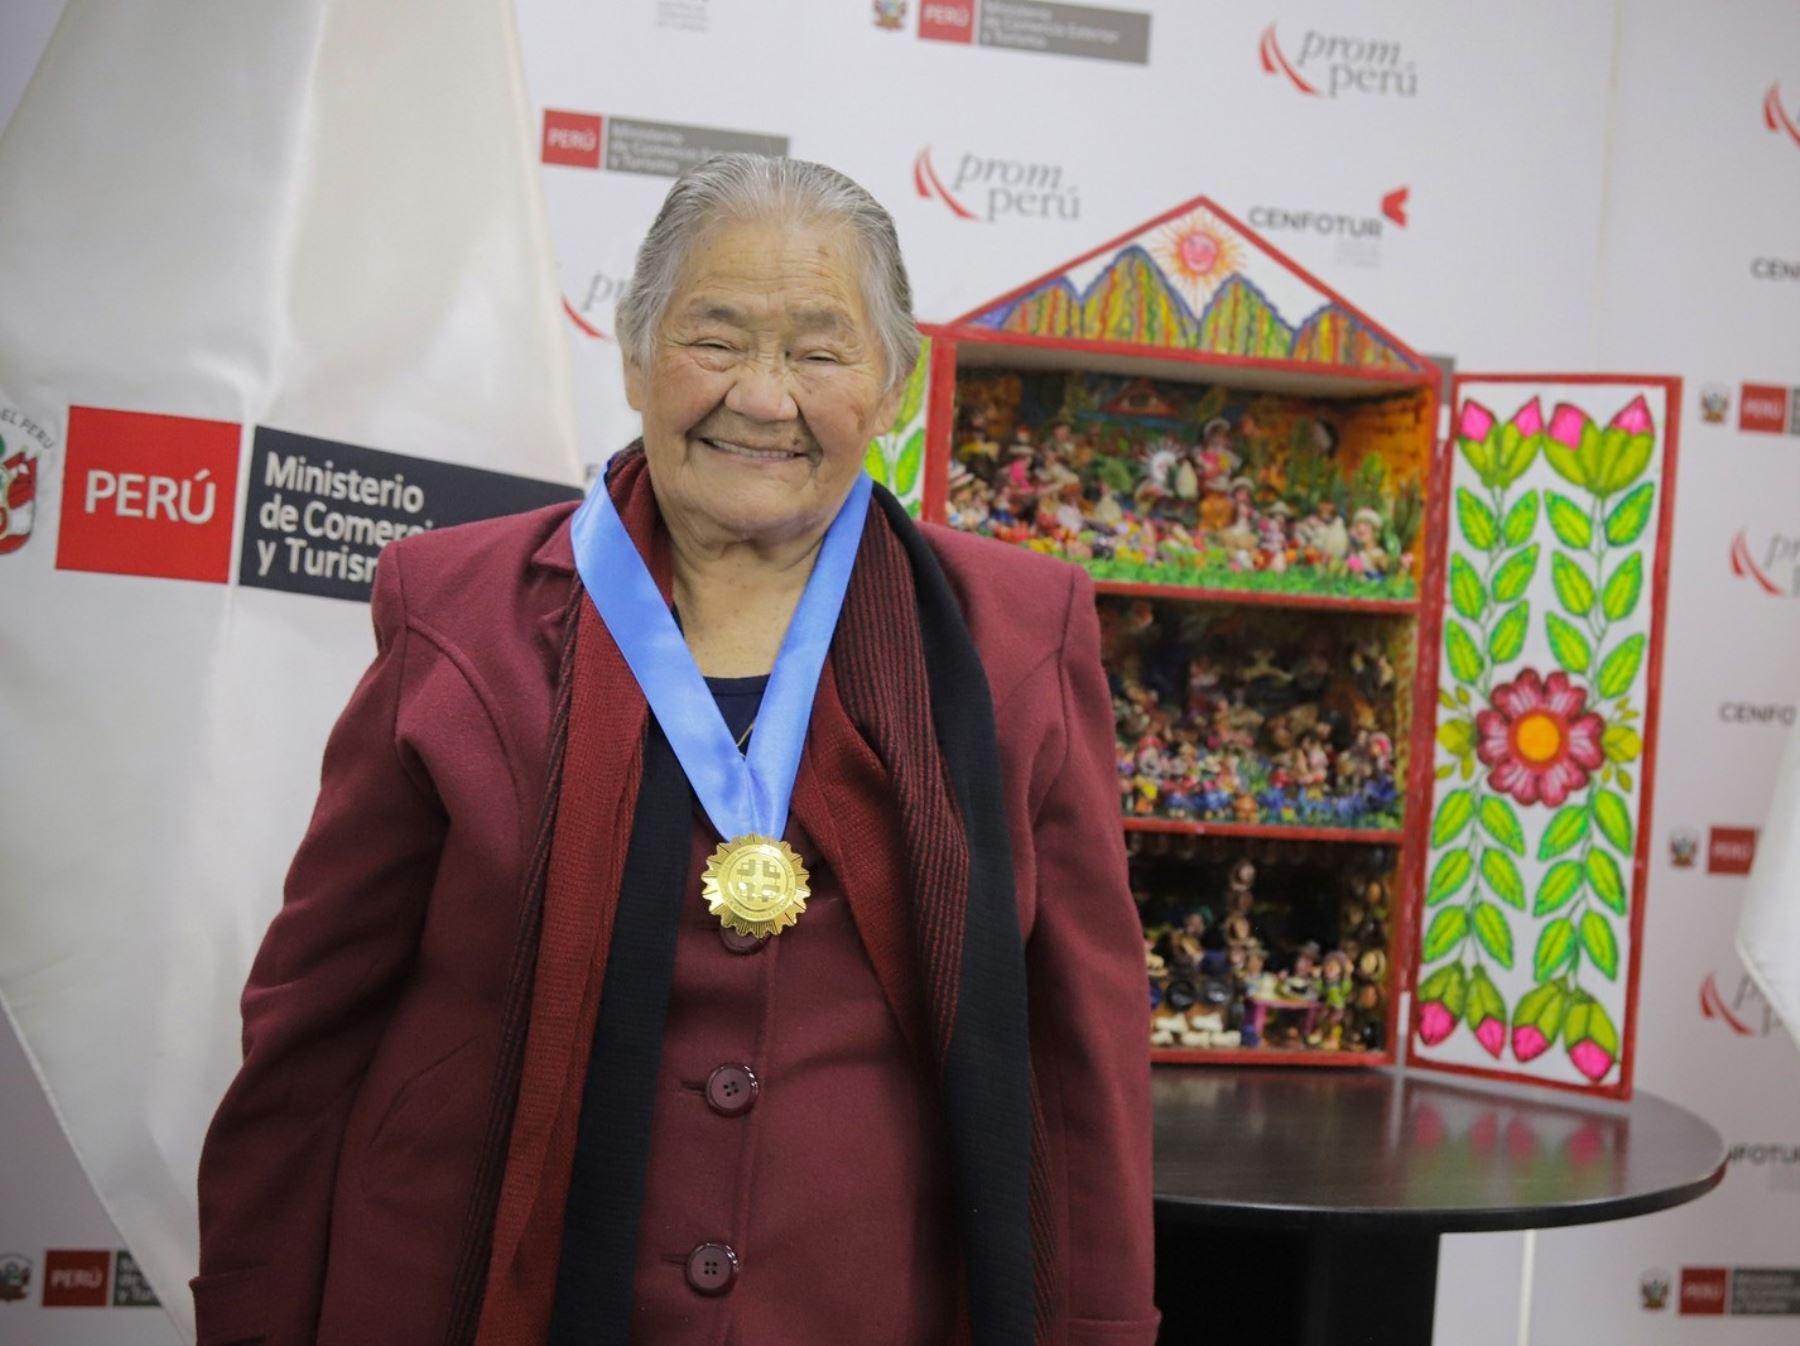 Conoce a Genoveva Núñez, la maestra cusqueña distinguida con el título de Amauta de la Artesanía Peruana por el Mincetur que otorga a los mejores artesanos del país.